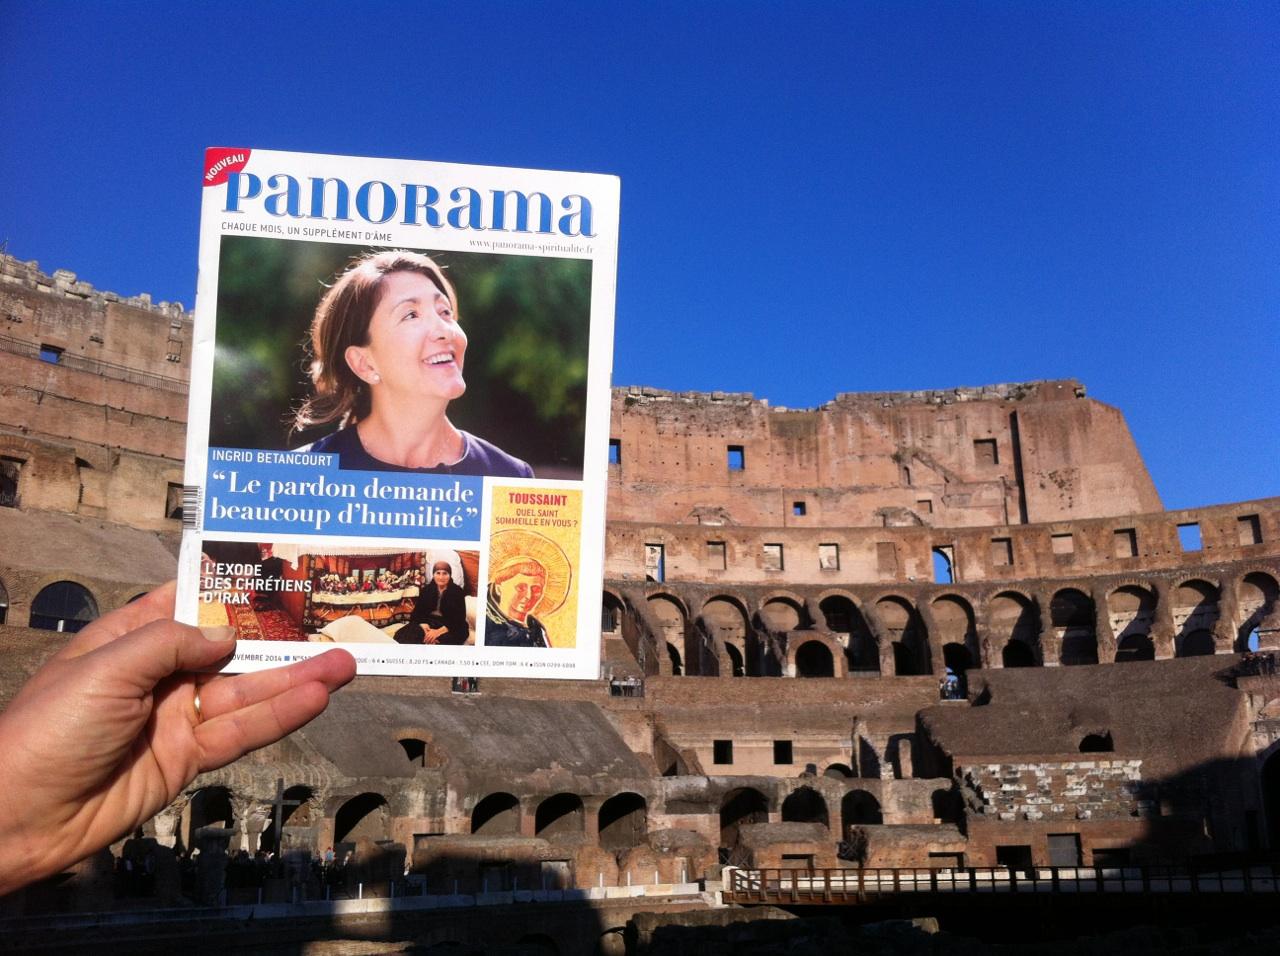 Panorama au Colisée